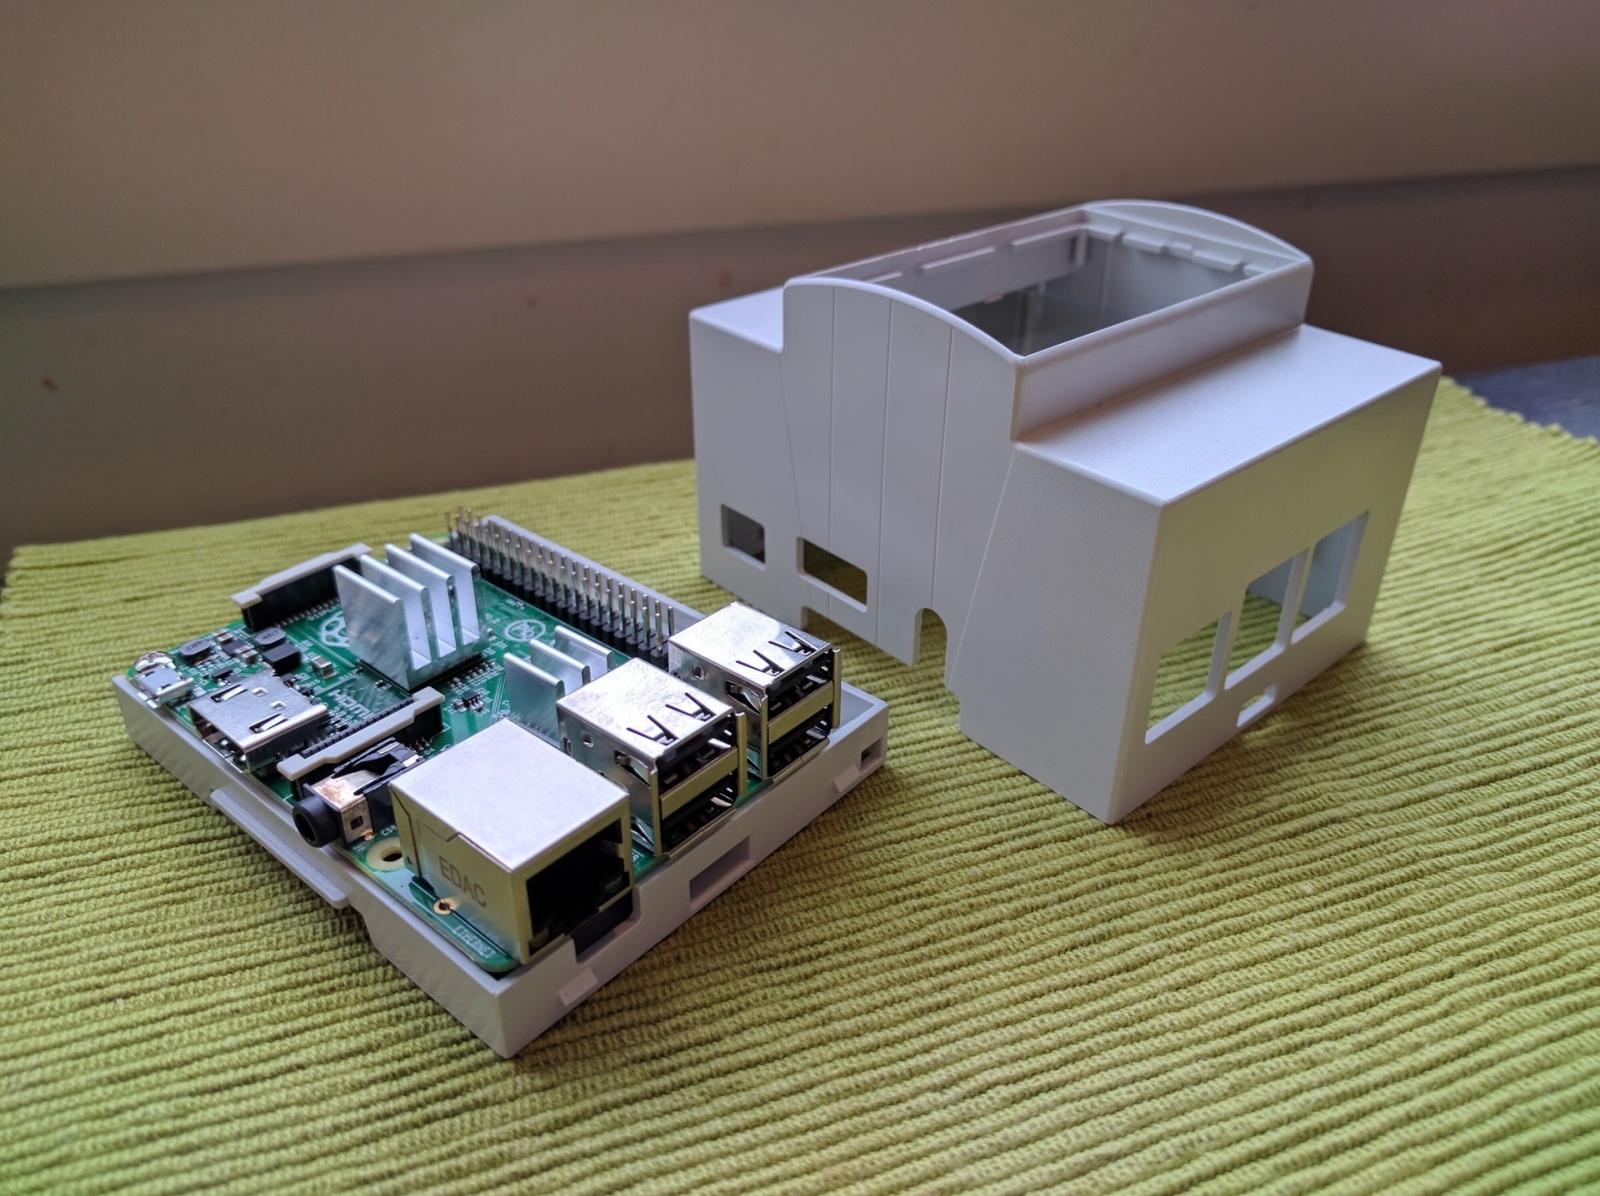 Как я читал показания датчиков через SNMP (Python+AgentX+systemd+Raspberry Pi) и соорудил ещё одну мониторилку - 7